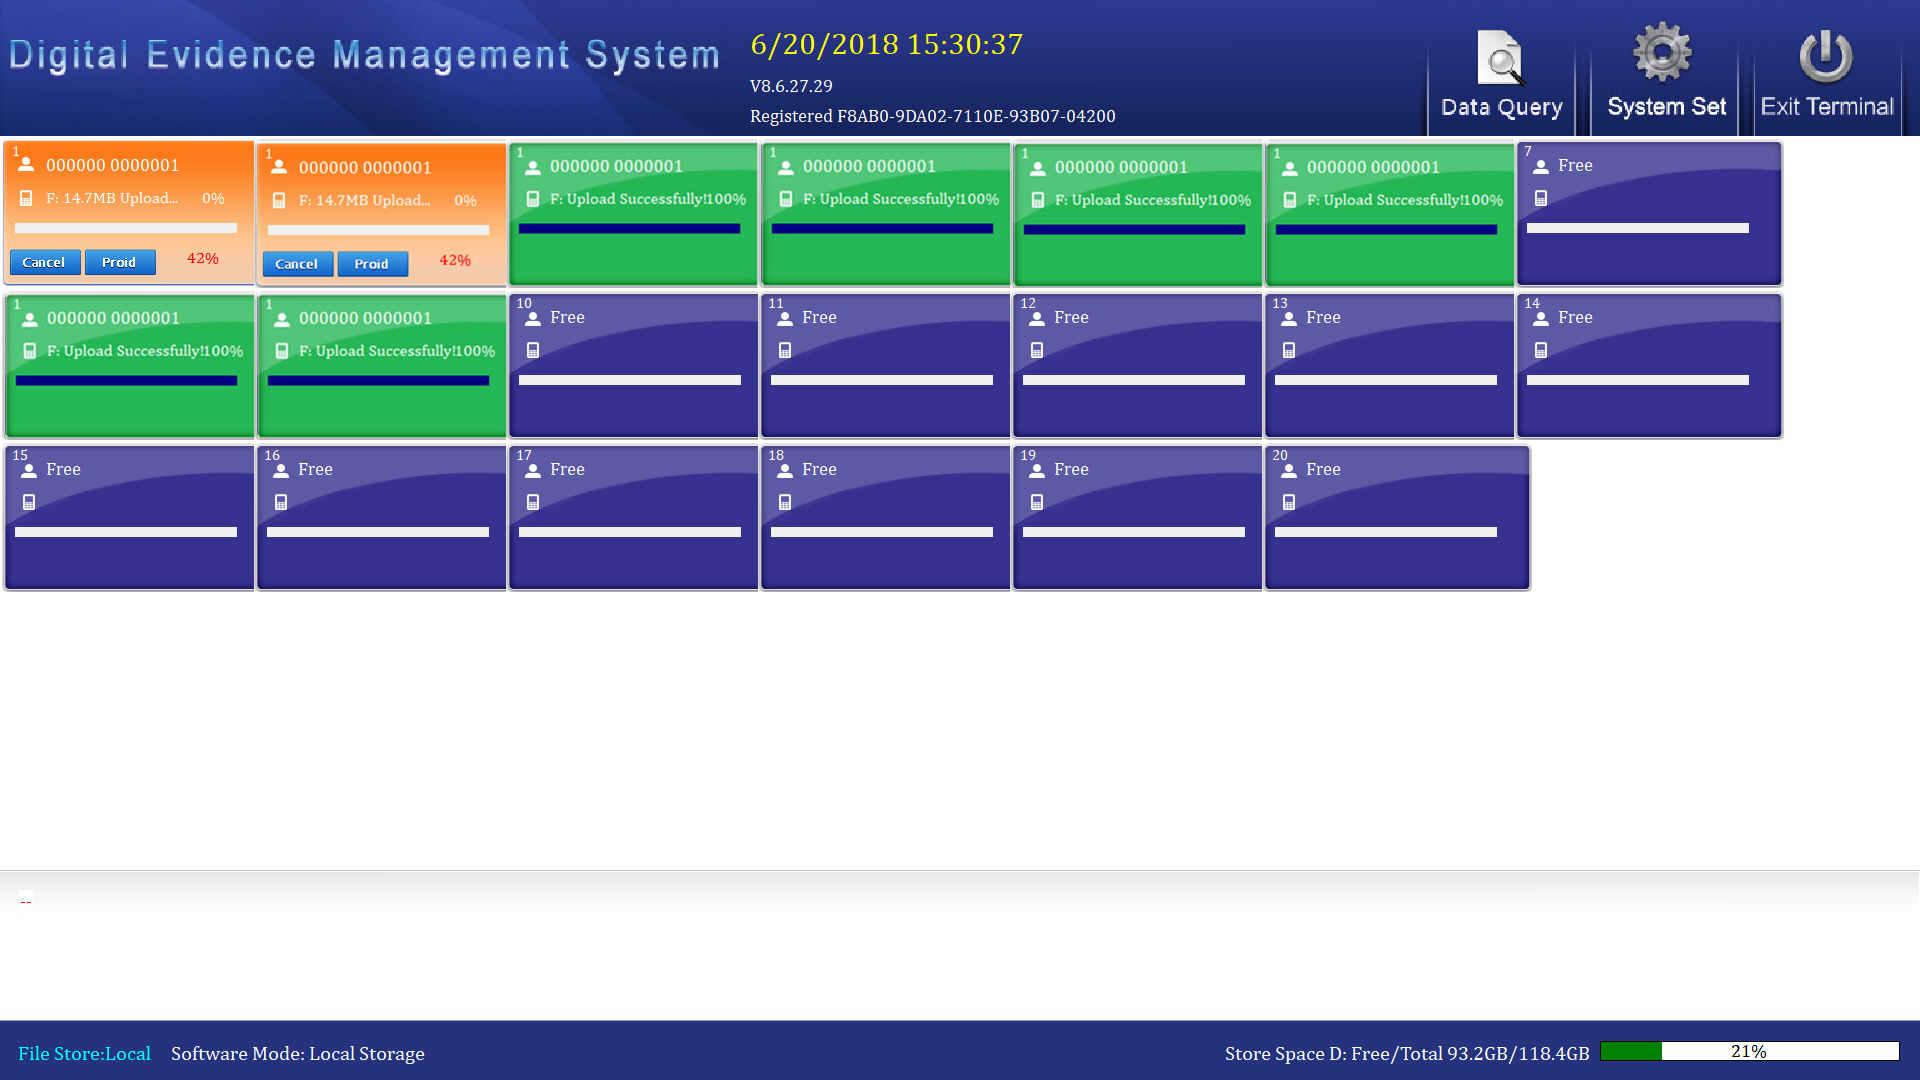 Digital Evidence Management Software (1)